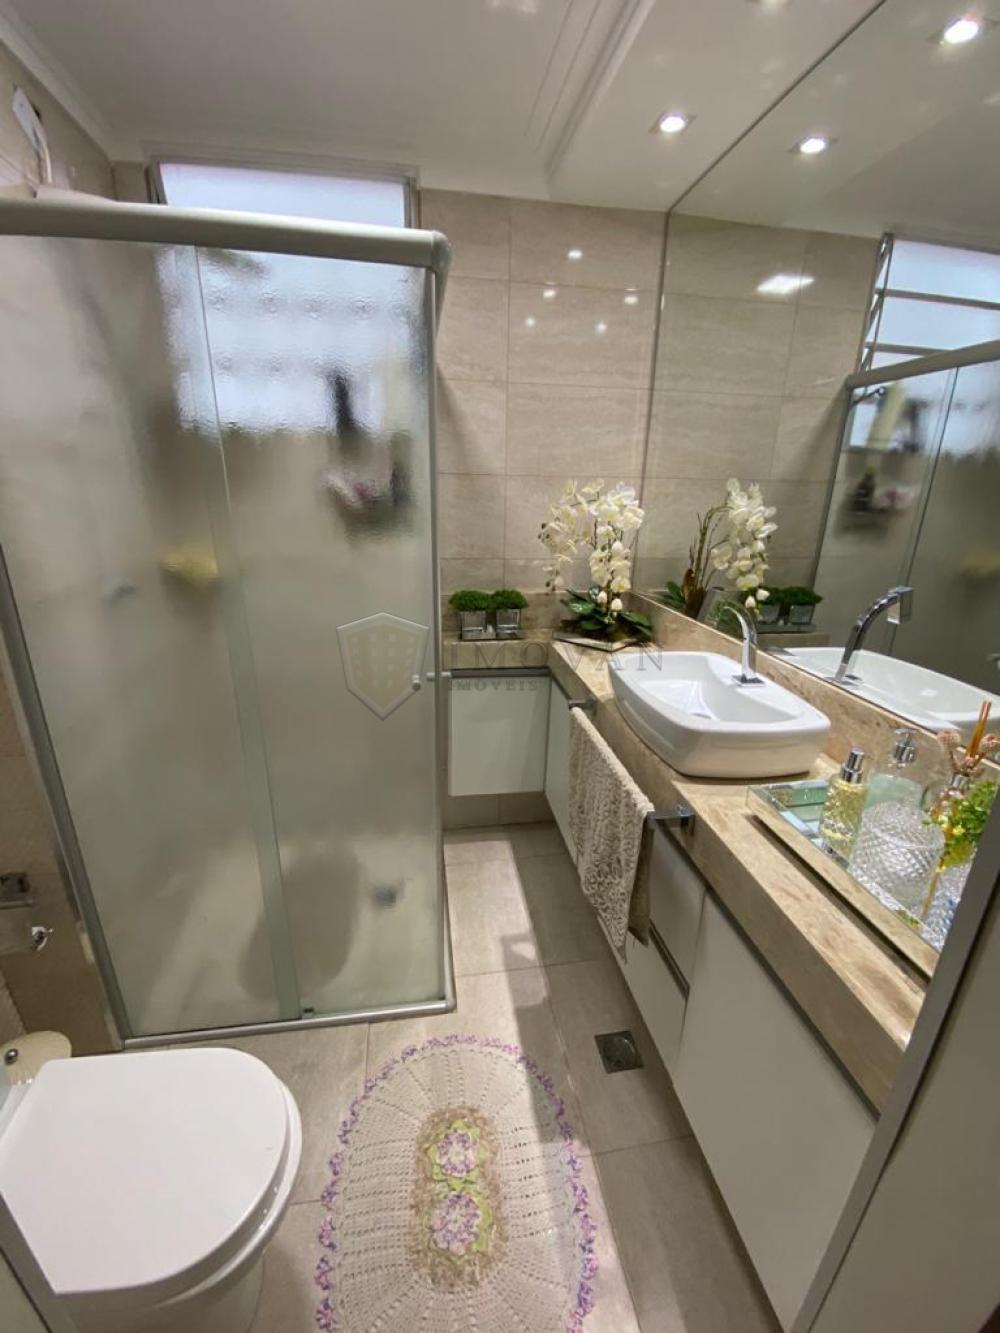 Comprar Apartamento / Padrão em Ribeirão Preto apenas R$ 195.000,00 - Foto 18